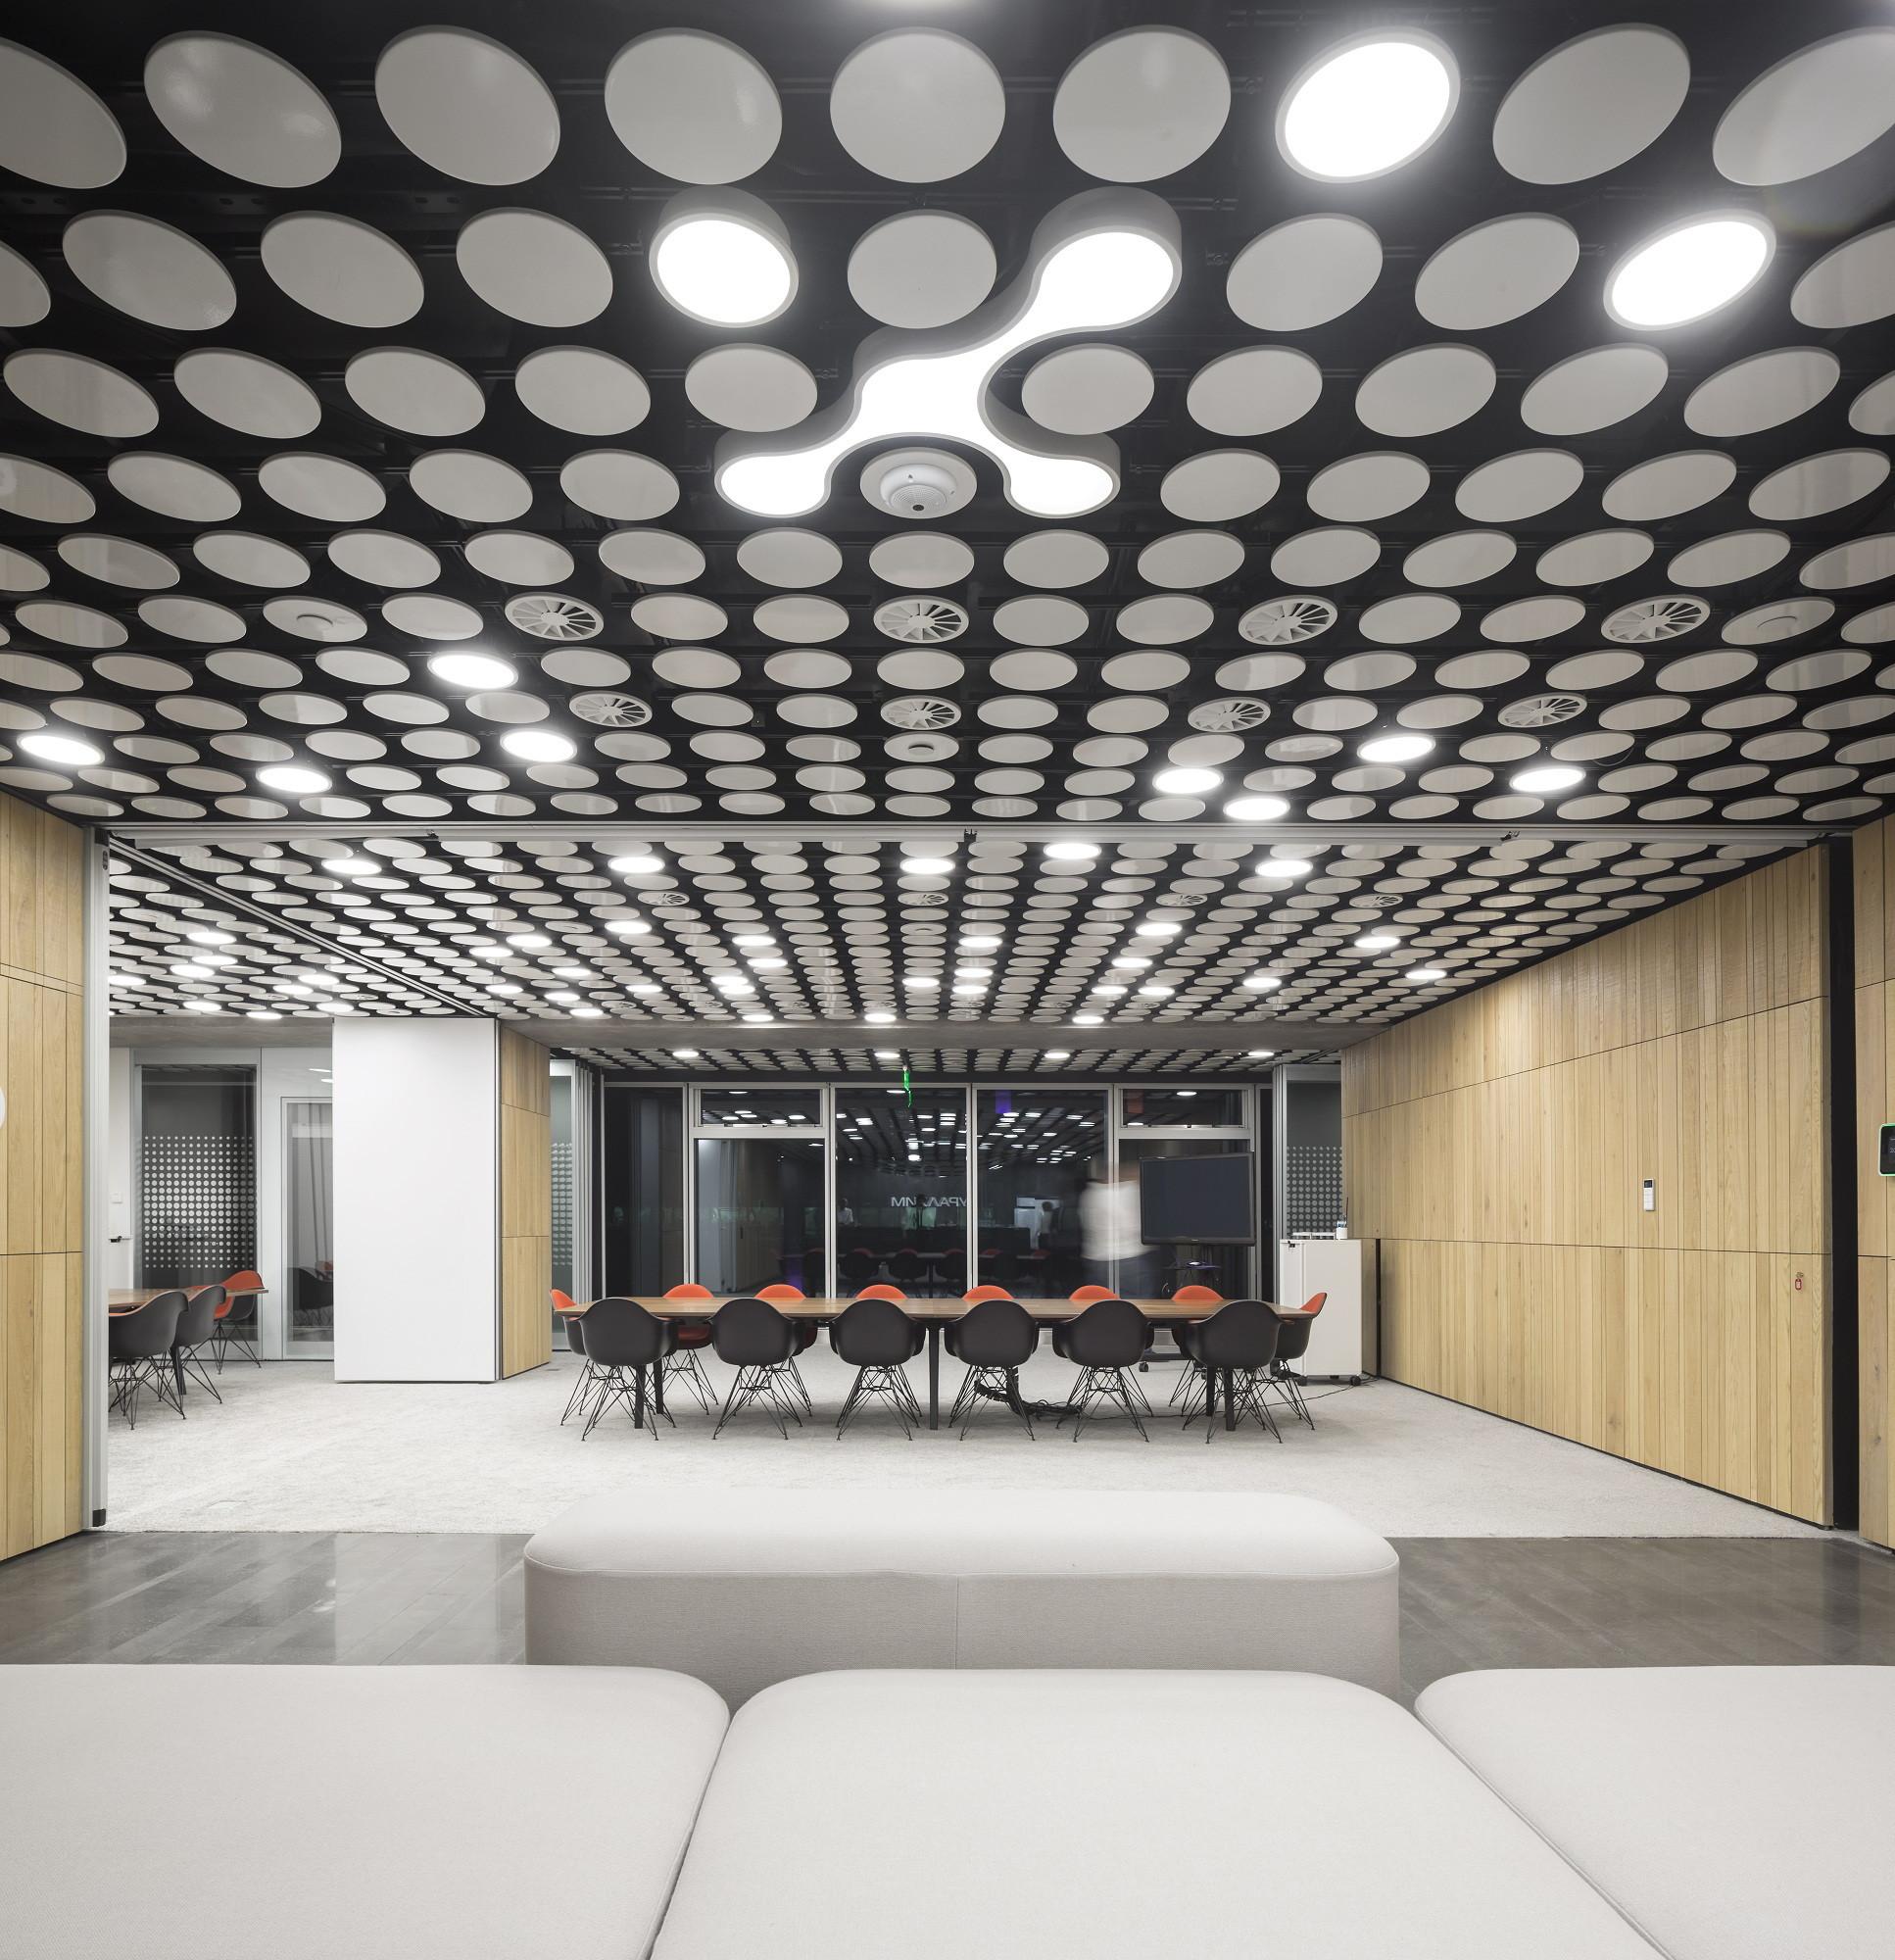 URALCHEM HEADQUARTERS / Pedra Silva Arquitectos, © Fernando Guerra | FG+SG